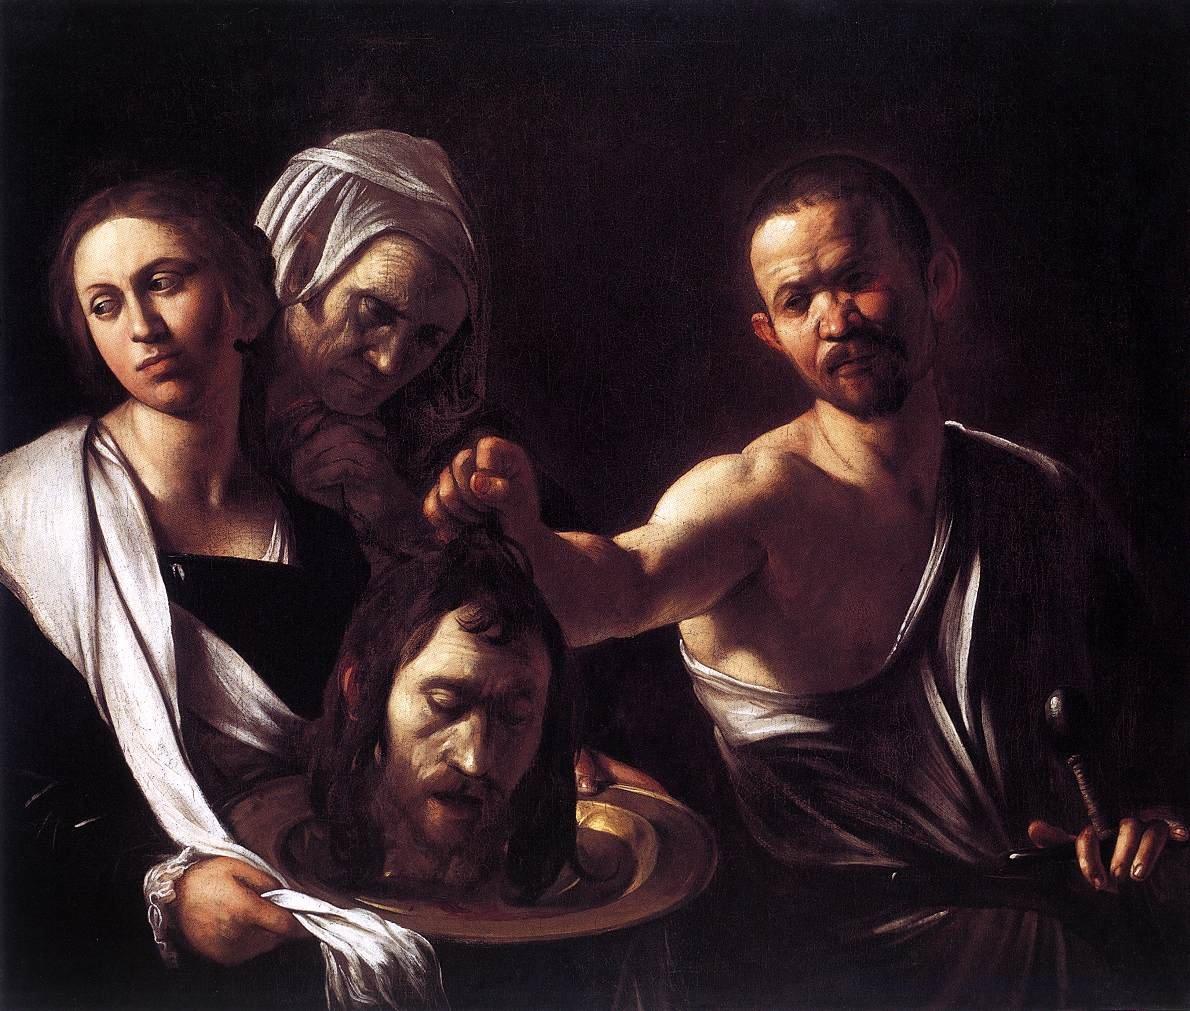 Uma das duas versões de Caravaggio para Salomé com a cabeça de S. João Baptista. Esta é a versão de c. 1607 que está na National Gallery de Londres, a outra está em Madrid